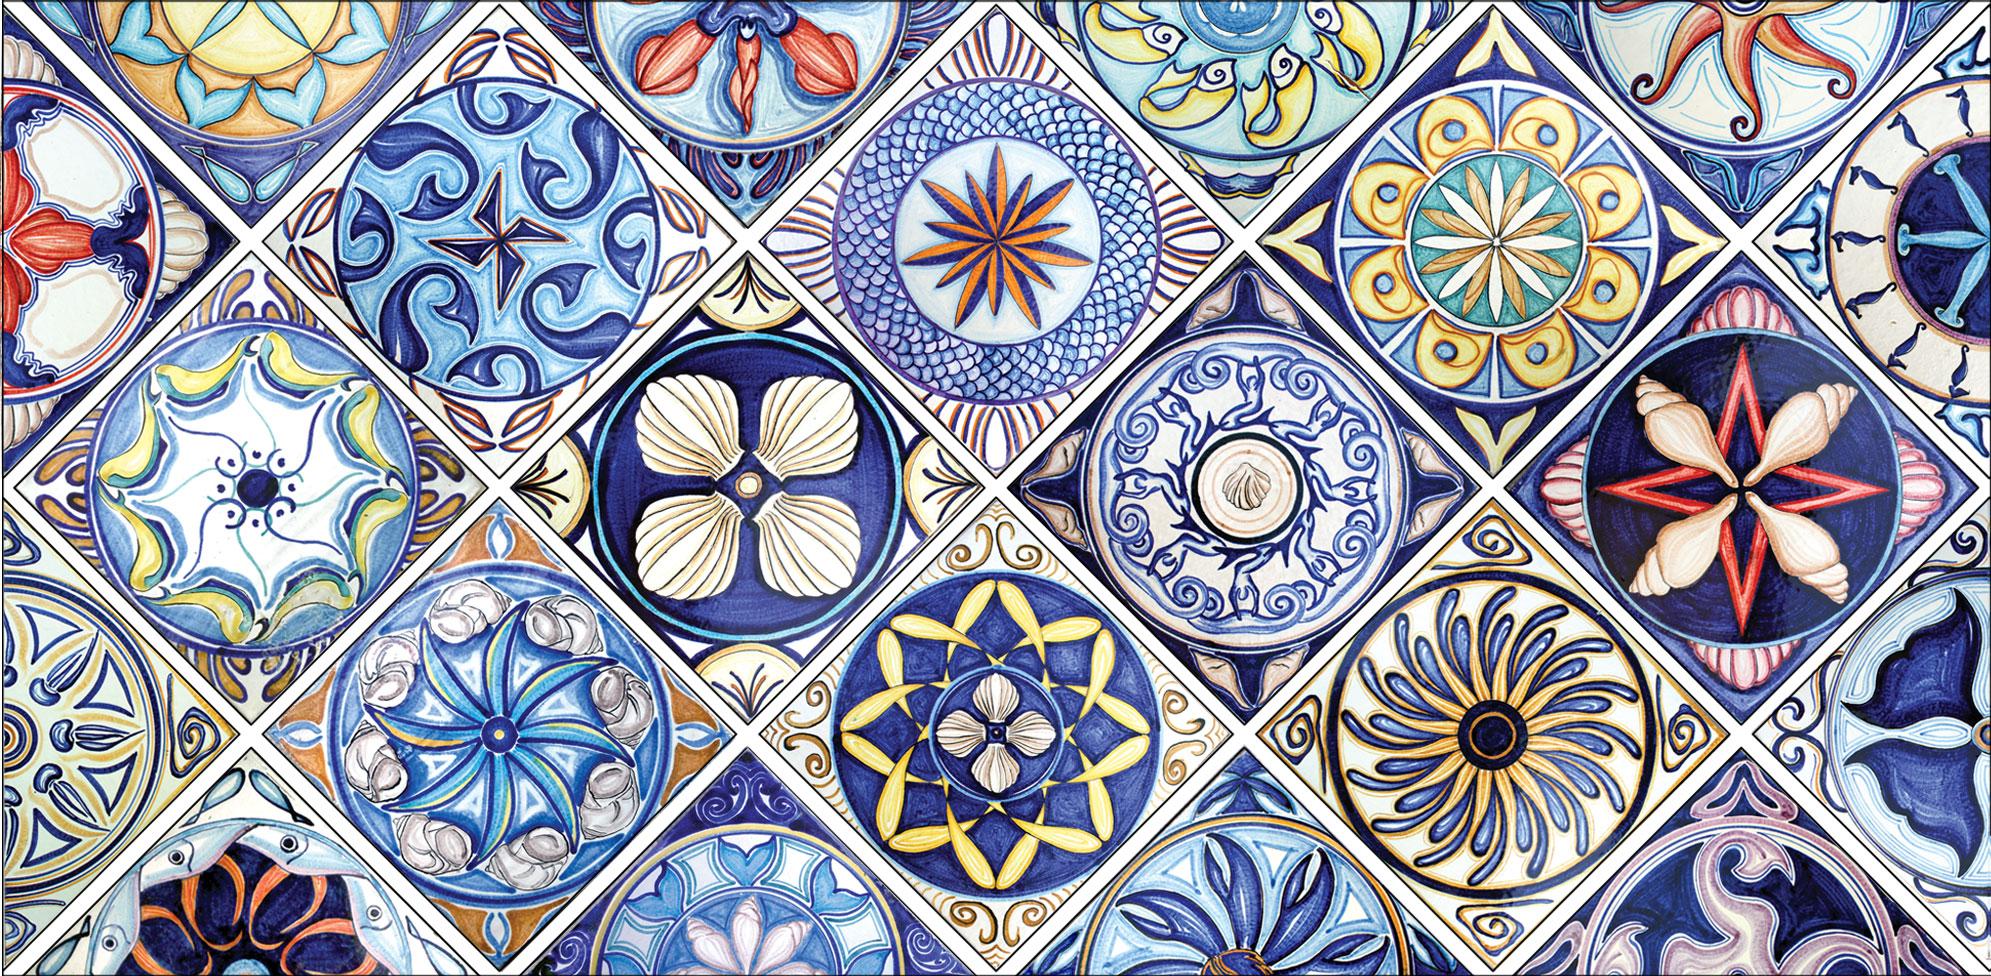 Le ceramiche di santo stefano di camastra luoghi e attrazioni scopri la sicilia hitsicily - Santo stefano di camastra piastrelle ...